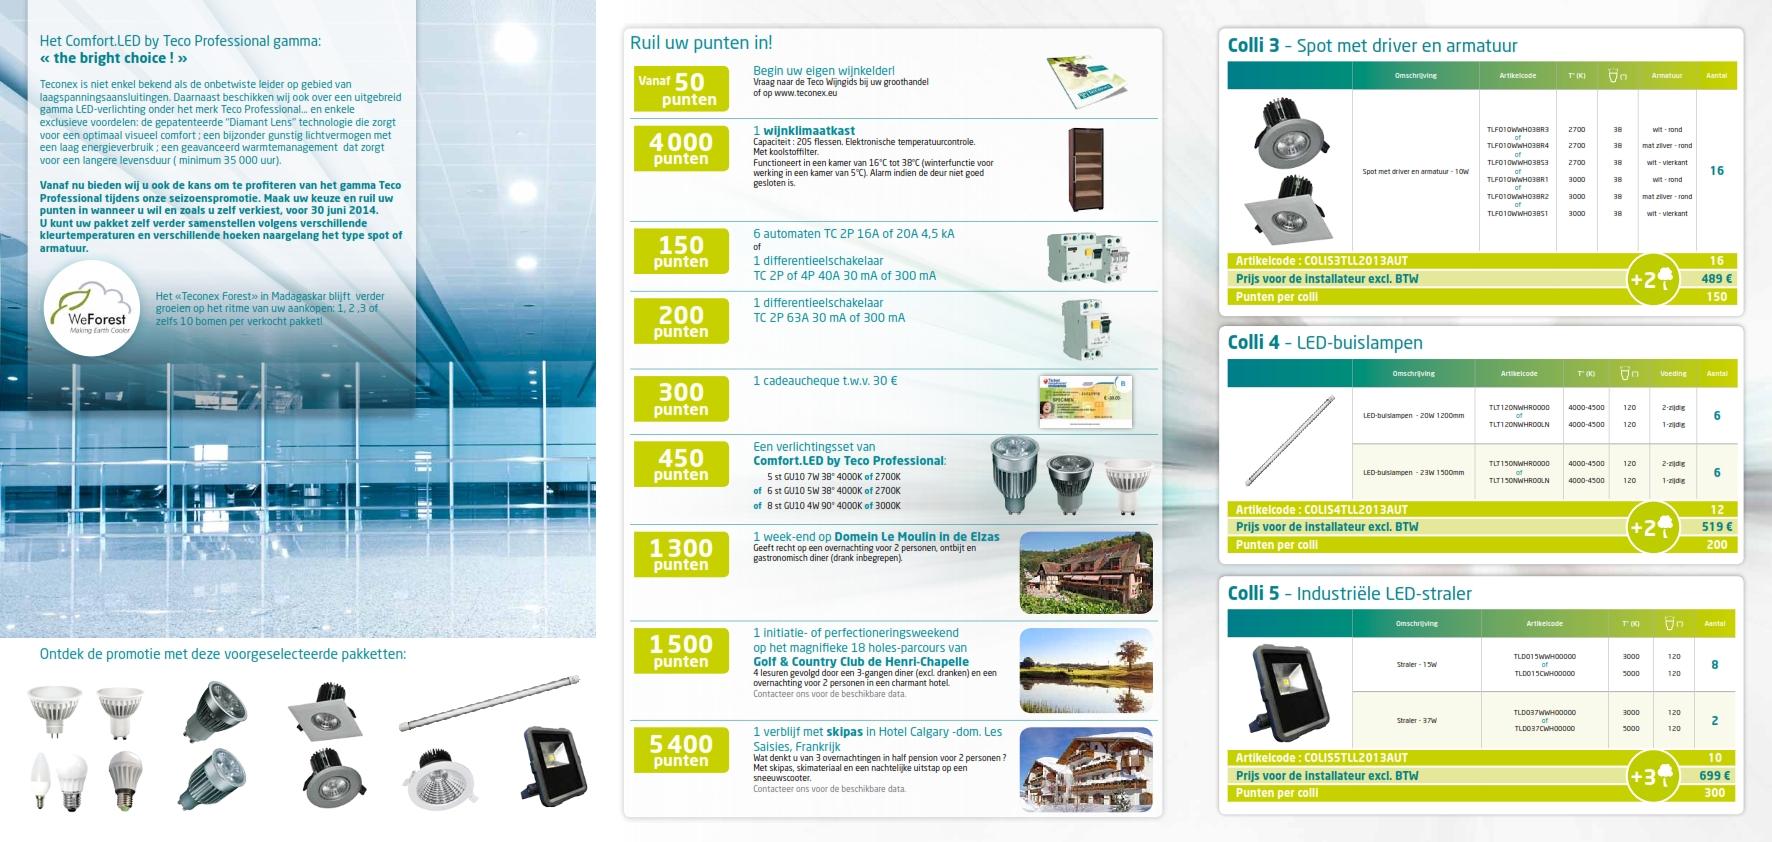 PROMO-Teco-Professional---éclairage-LED-Automne-2013_NL_002